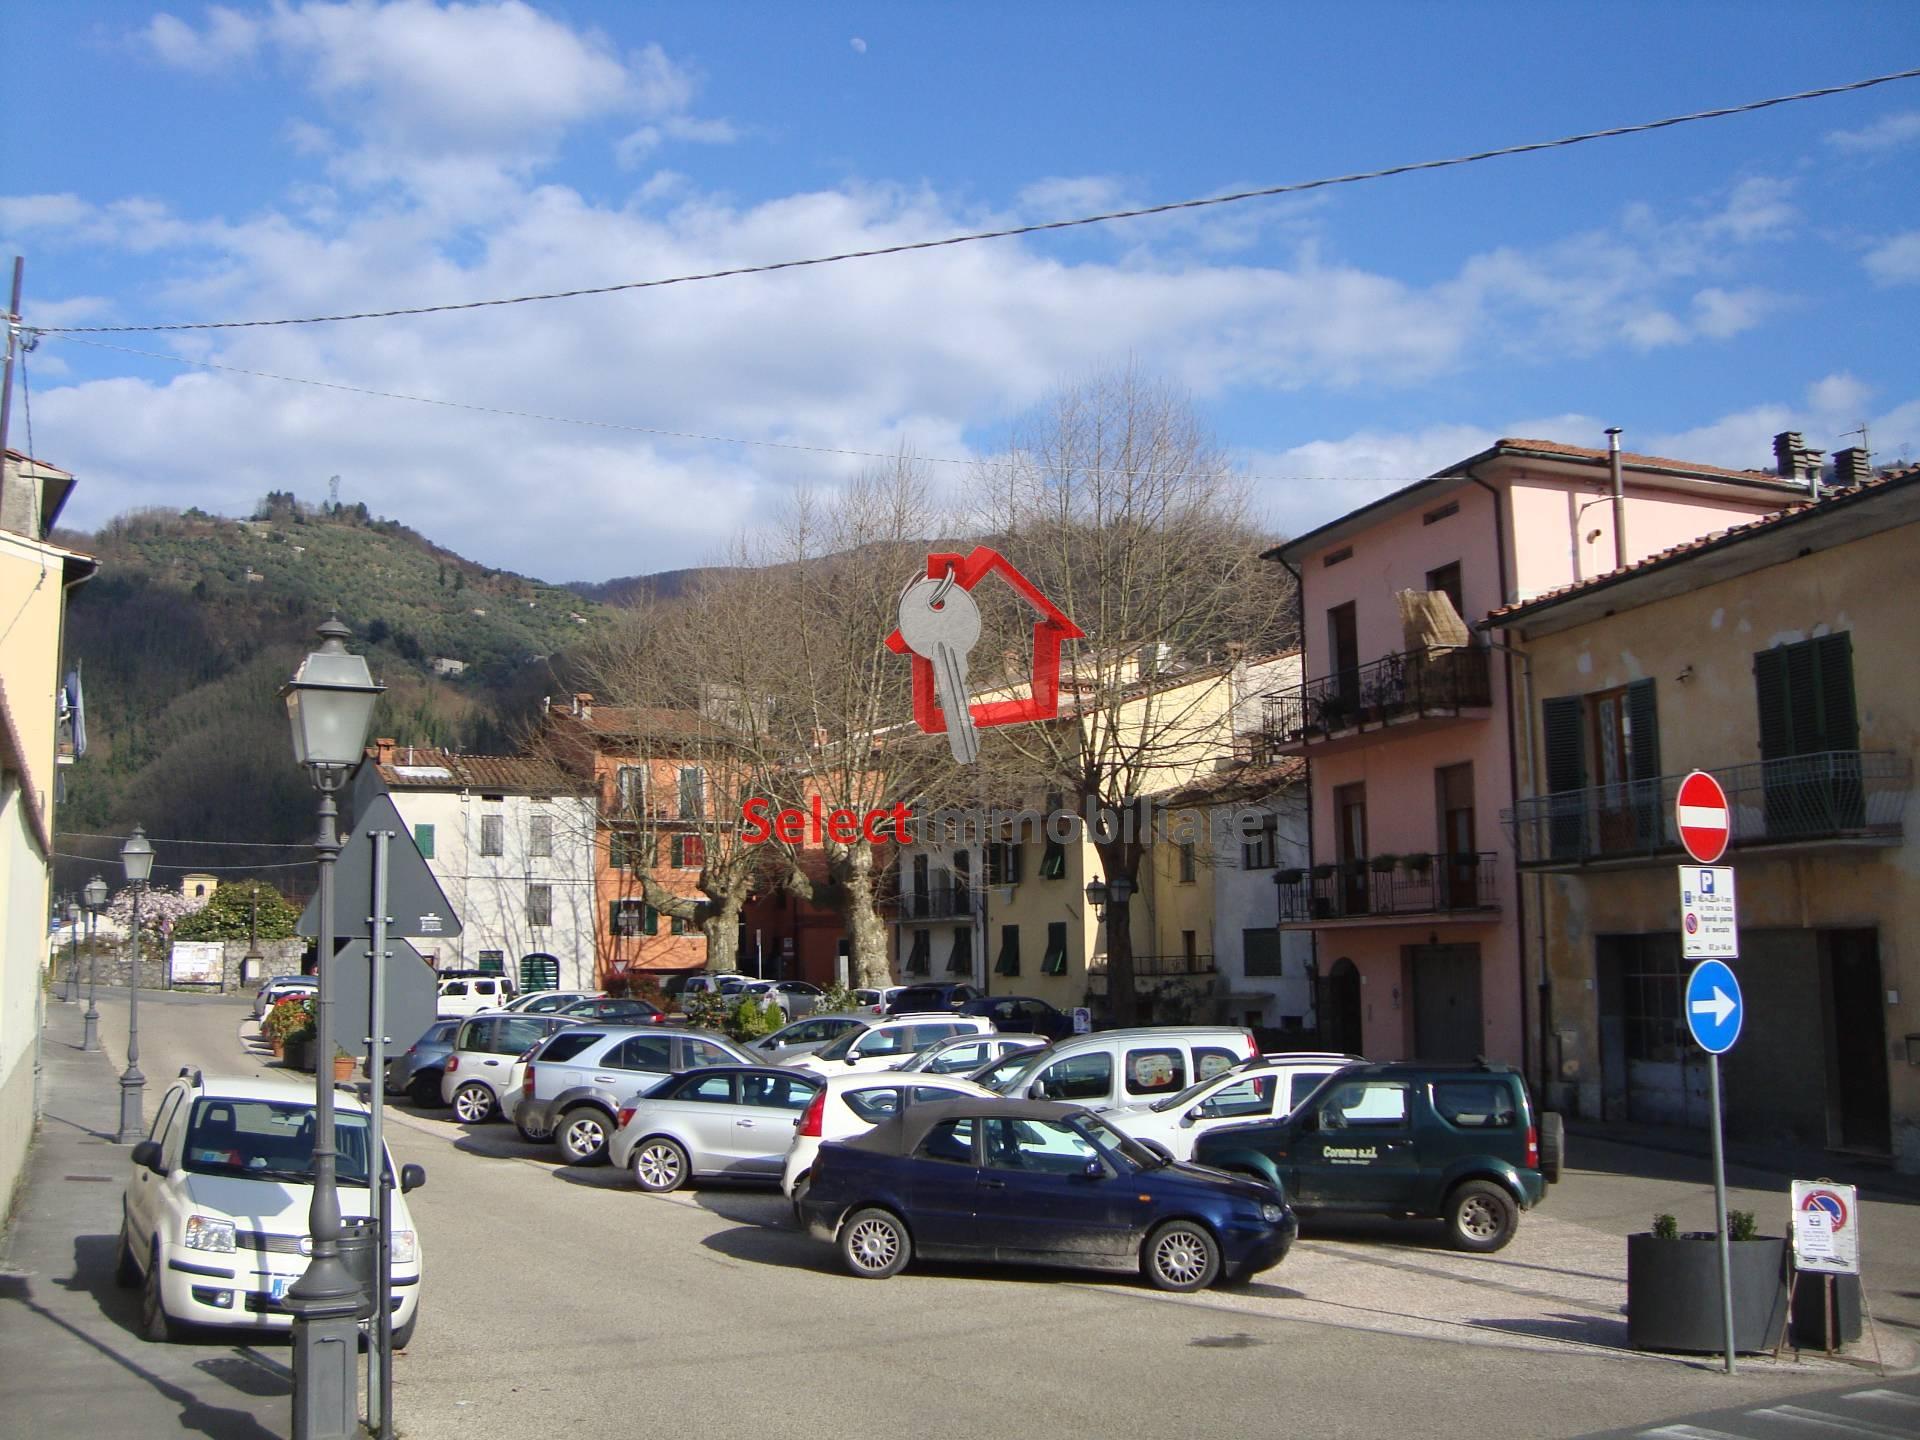 Appartamento in affitto a Borgo a Mozzano, 5 locali, zona Località: capoluogo, prezzo € 520 | Cambio Casa.it